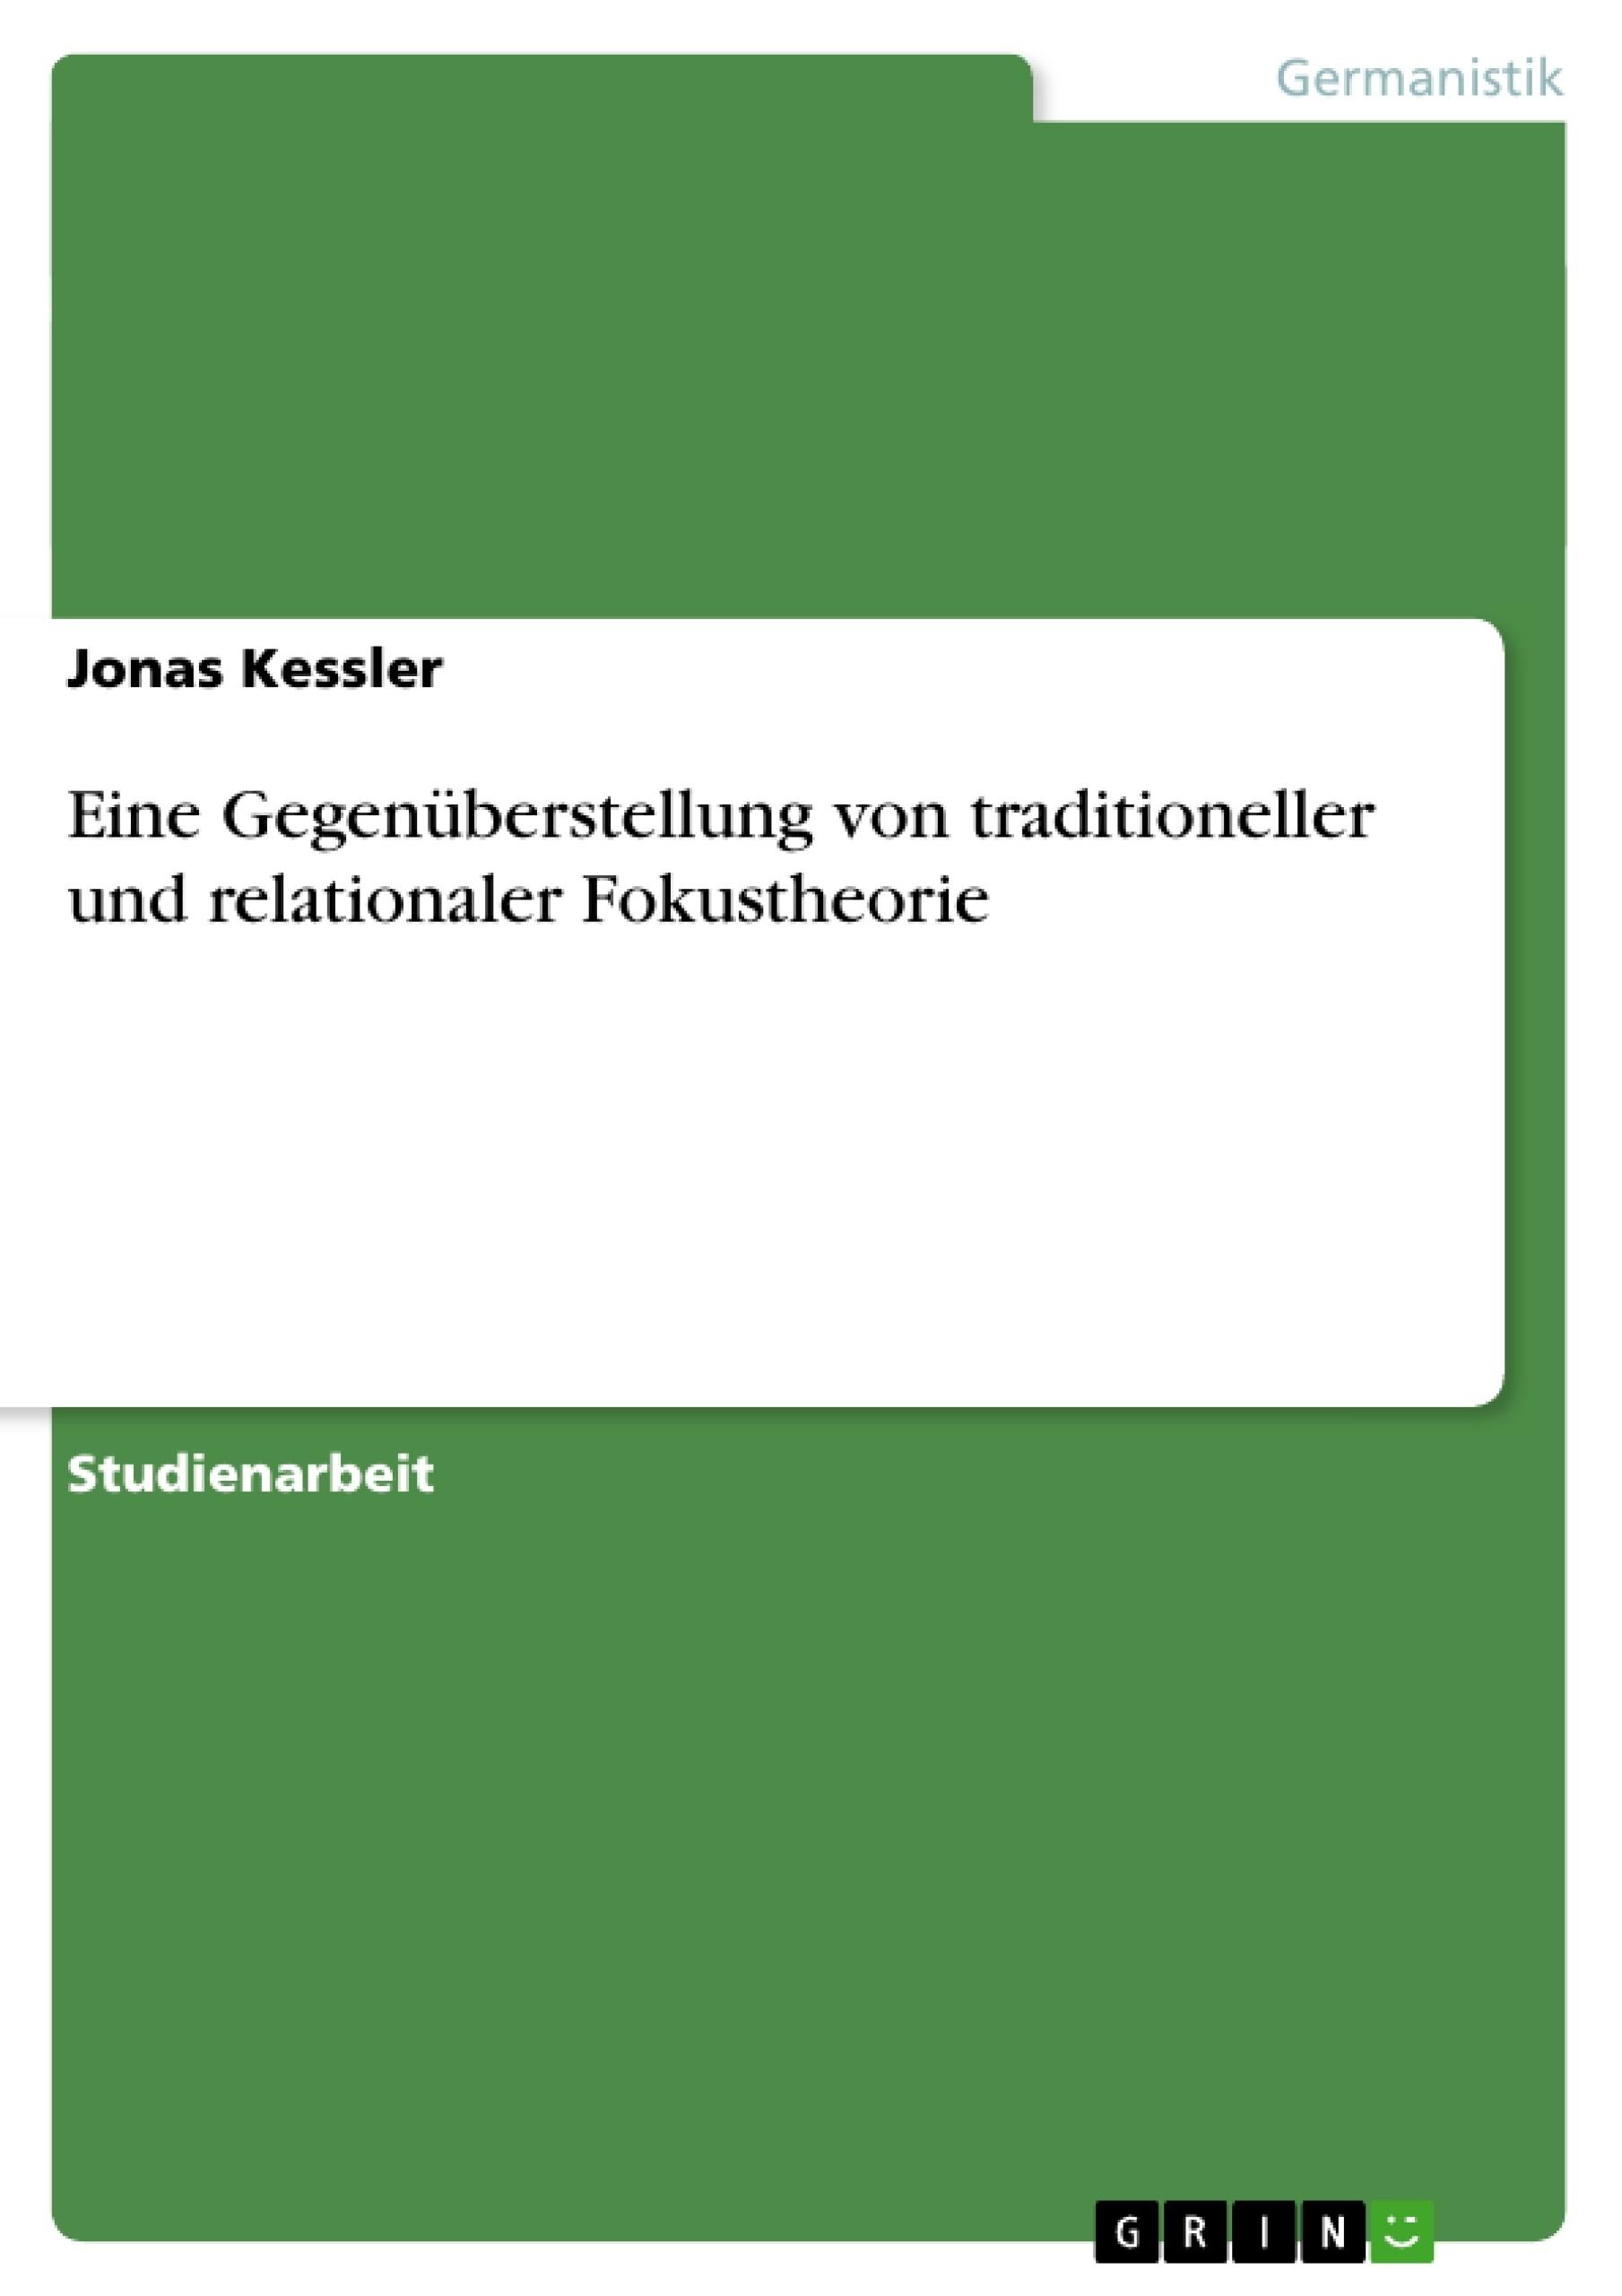 Titel: Eine Gegenüberstellung von traditioneller und relationaler Fokustheorie